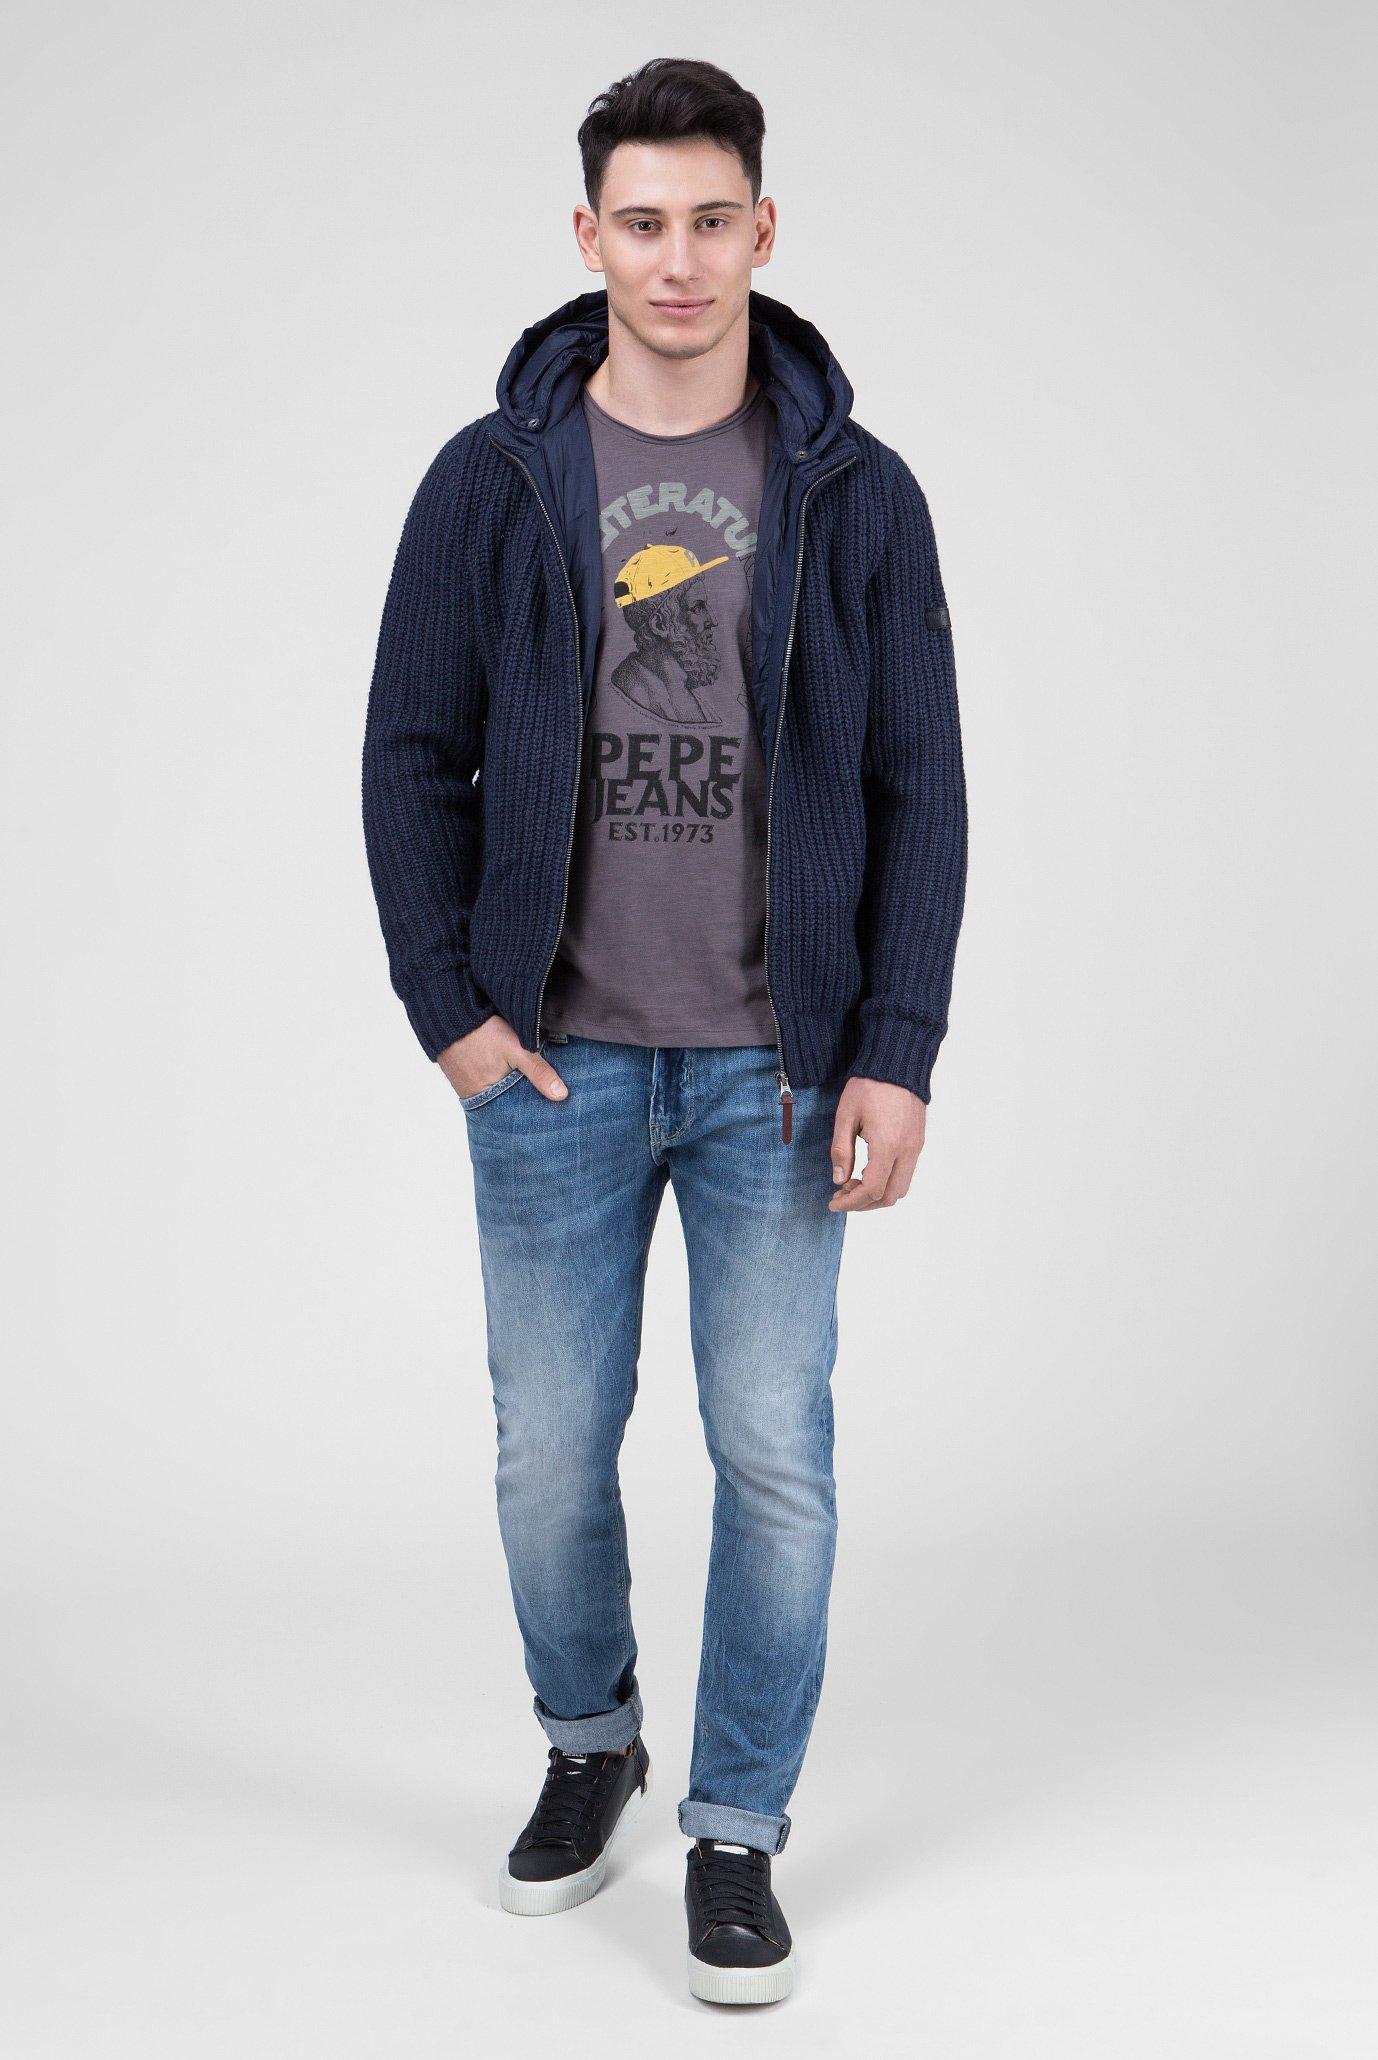 Купить Мужская синяя куртка LEICESTER Pepe Jeans Pepe Jeans PM701836 – Киев, Украина. Цены в интернет магазине MD Fashion